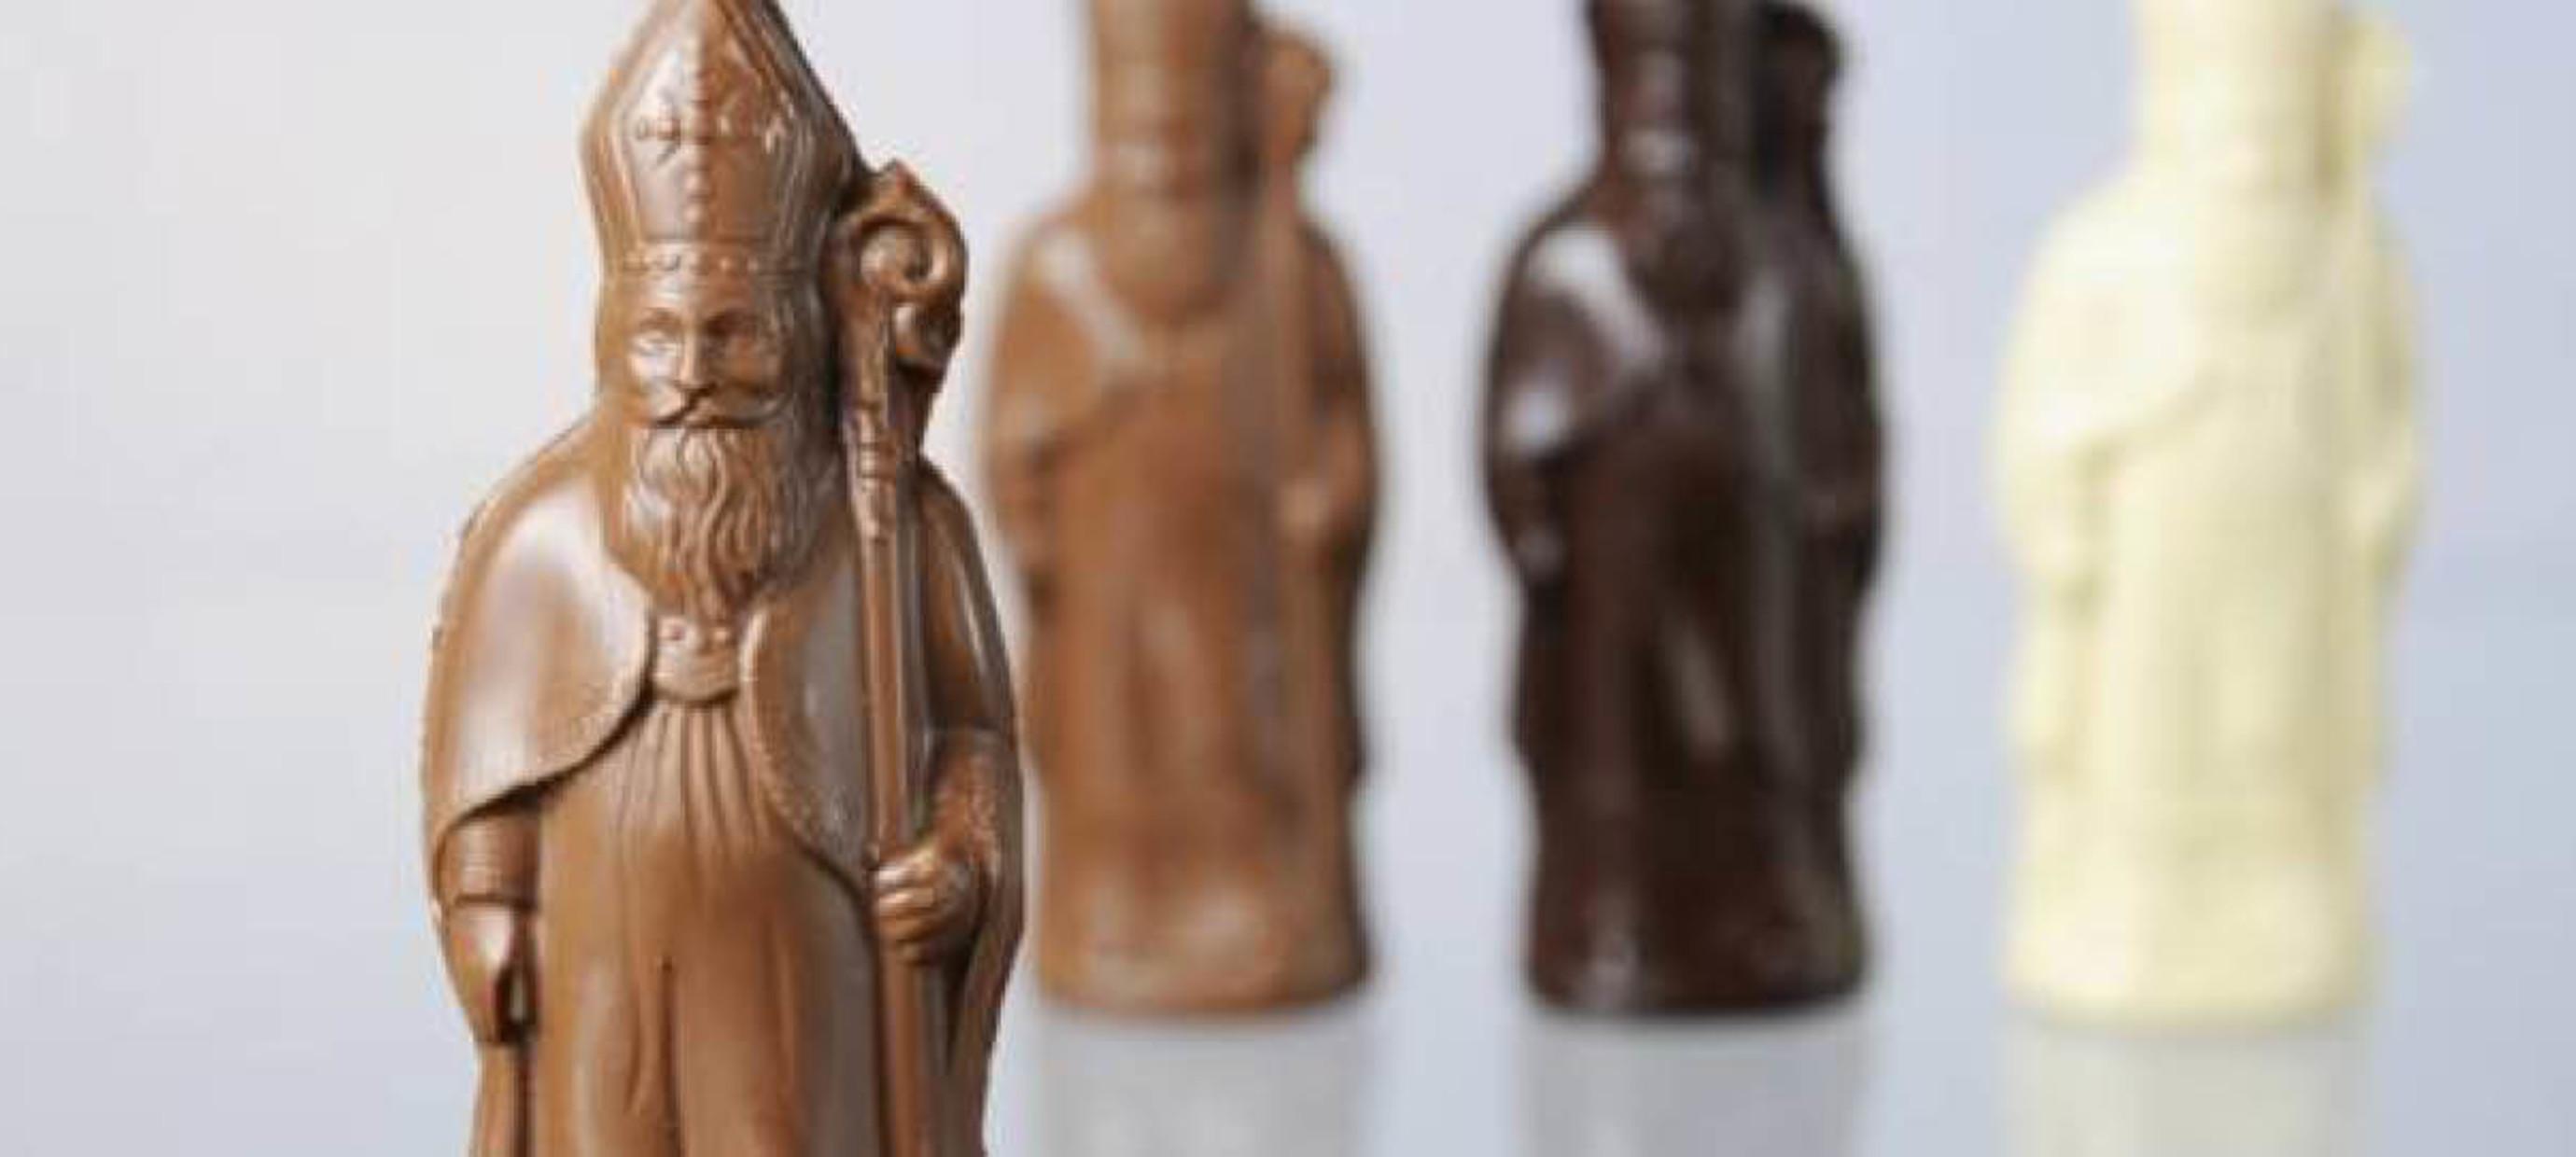 Sinterklaas, wat kan ik eten met intoleranties?